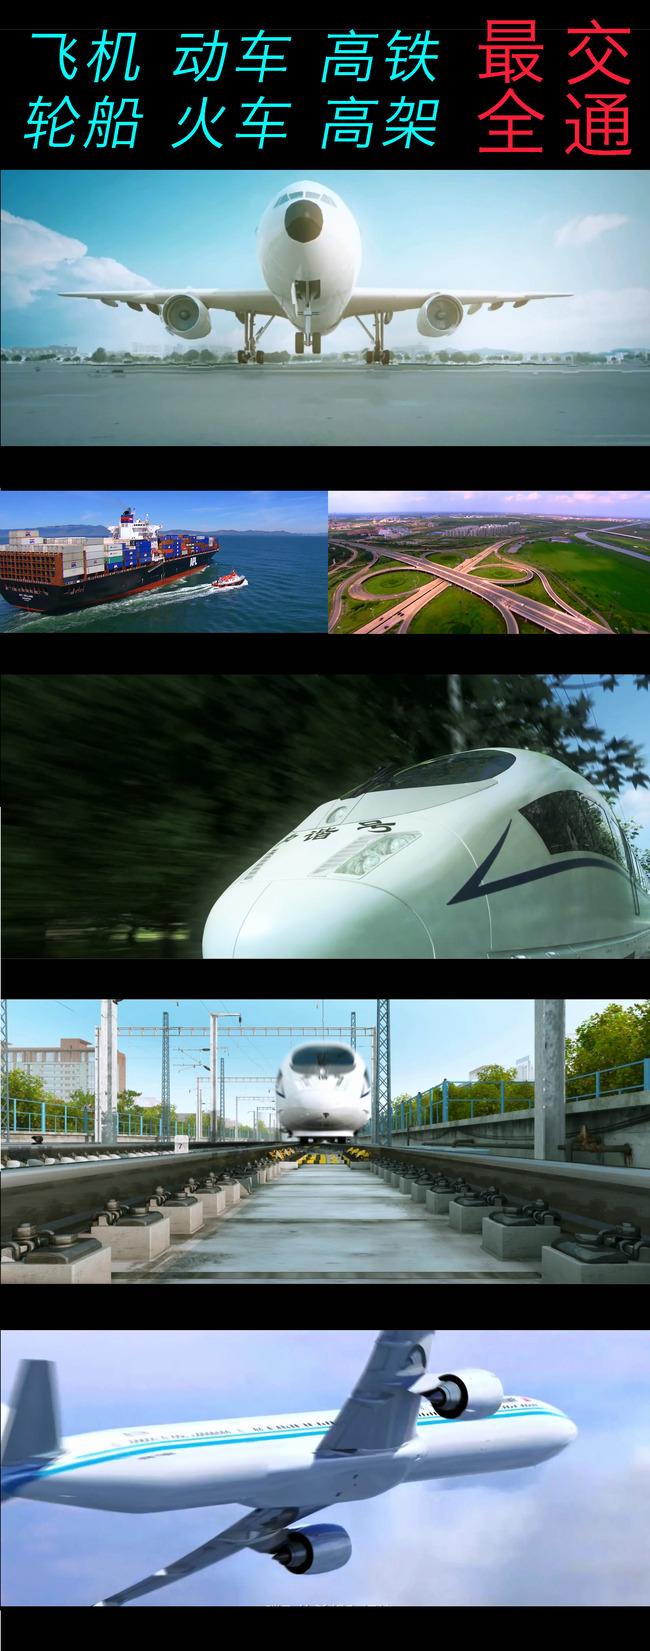 高清飞机,动车,高铁,轮船现代交通视频模板下载